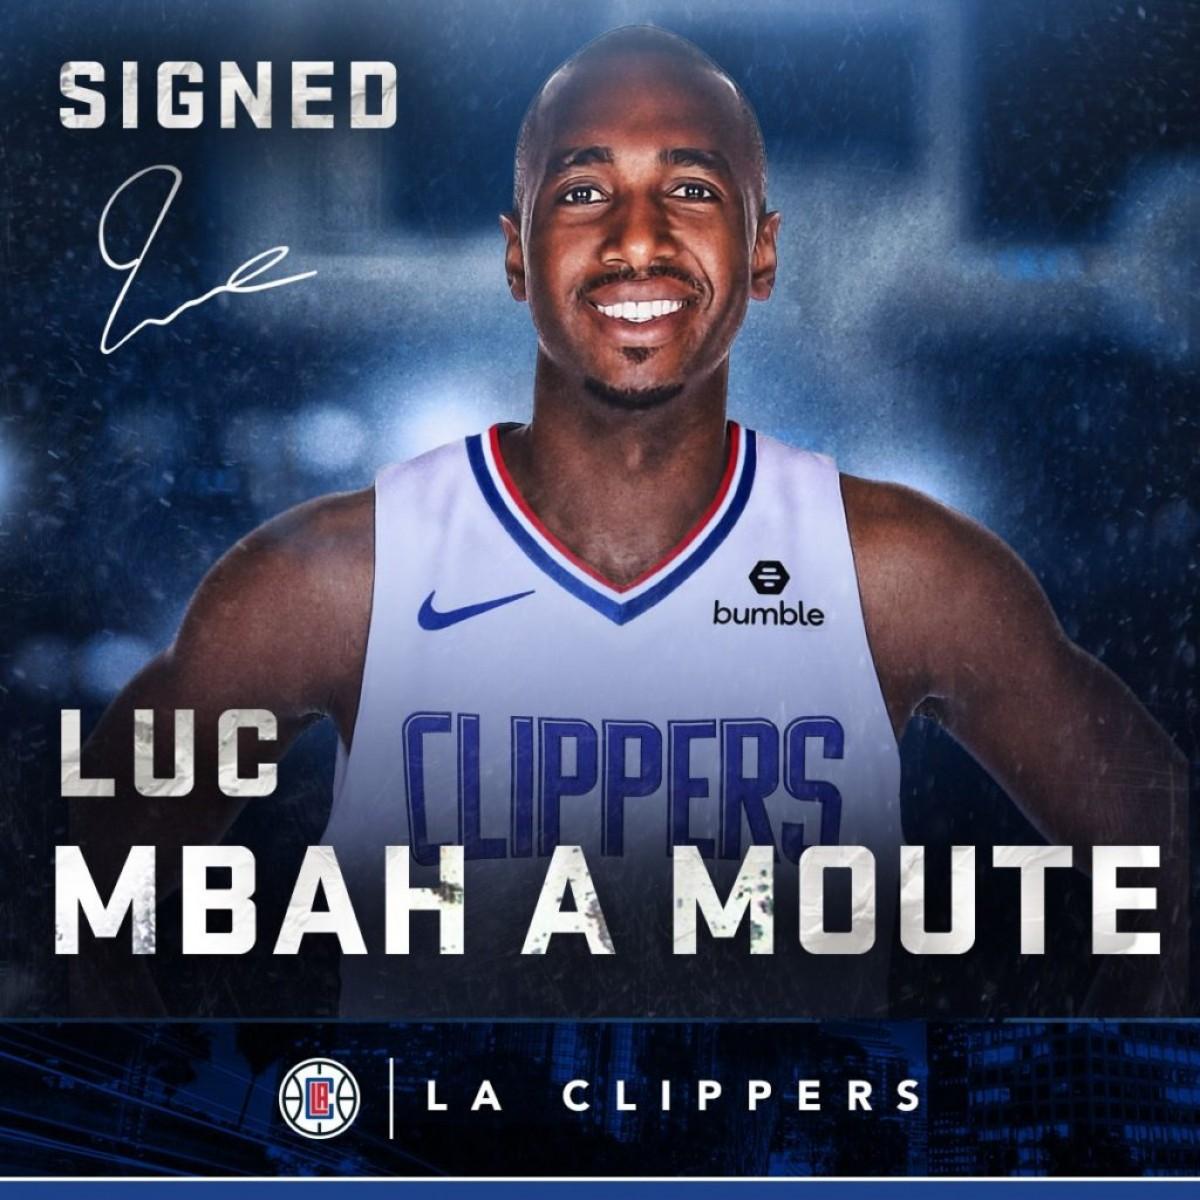 Luc quitte les Rockets et rejoint les Clippers